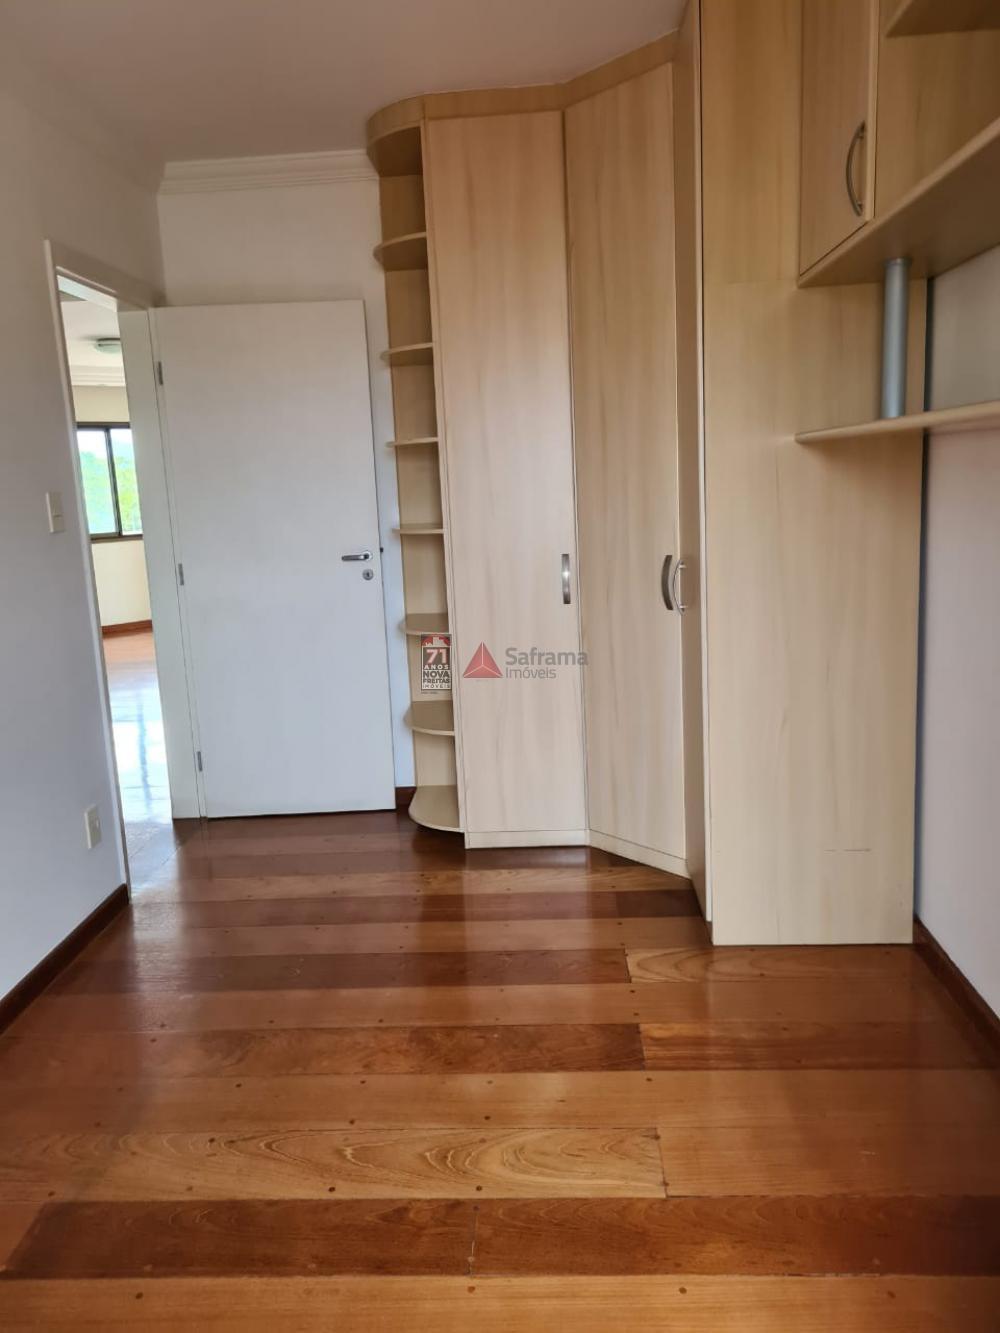 Comprar Apartamento / Padrão em Pindamonhangaba apenas R$ 430.000,00 - Foto 21